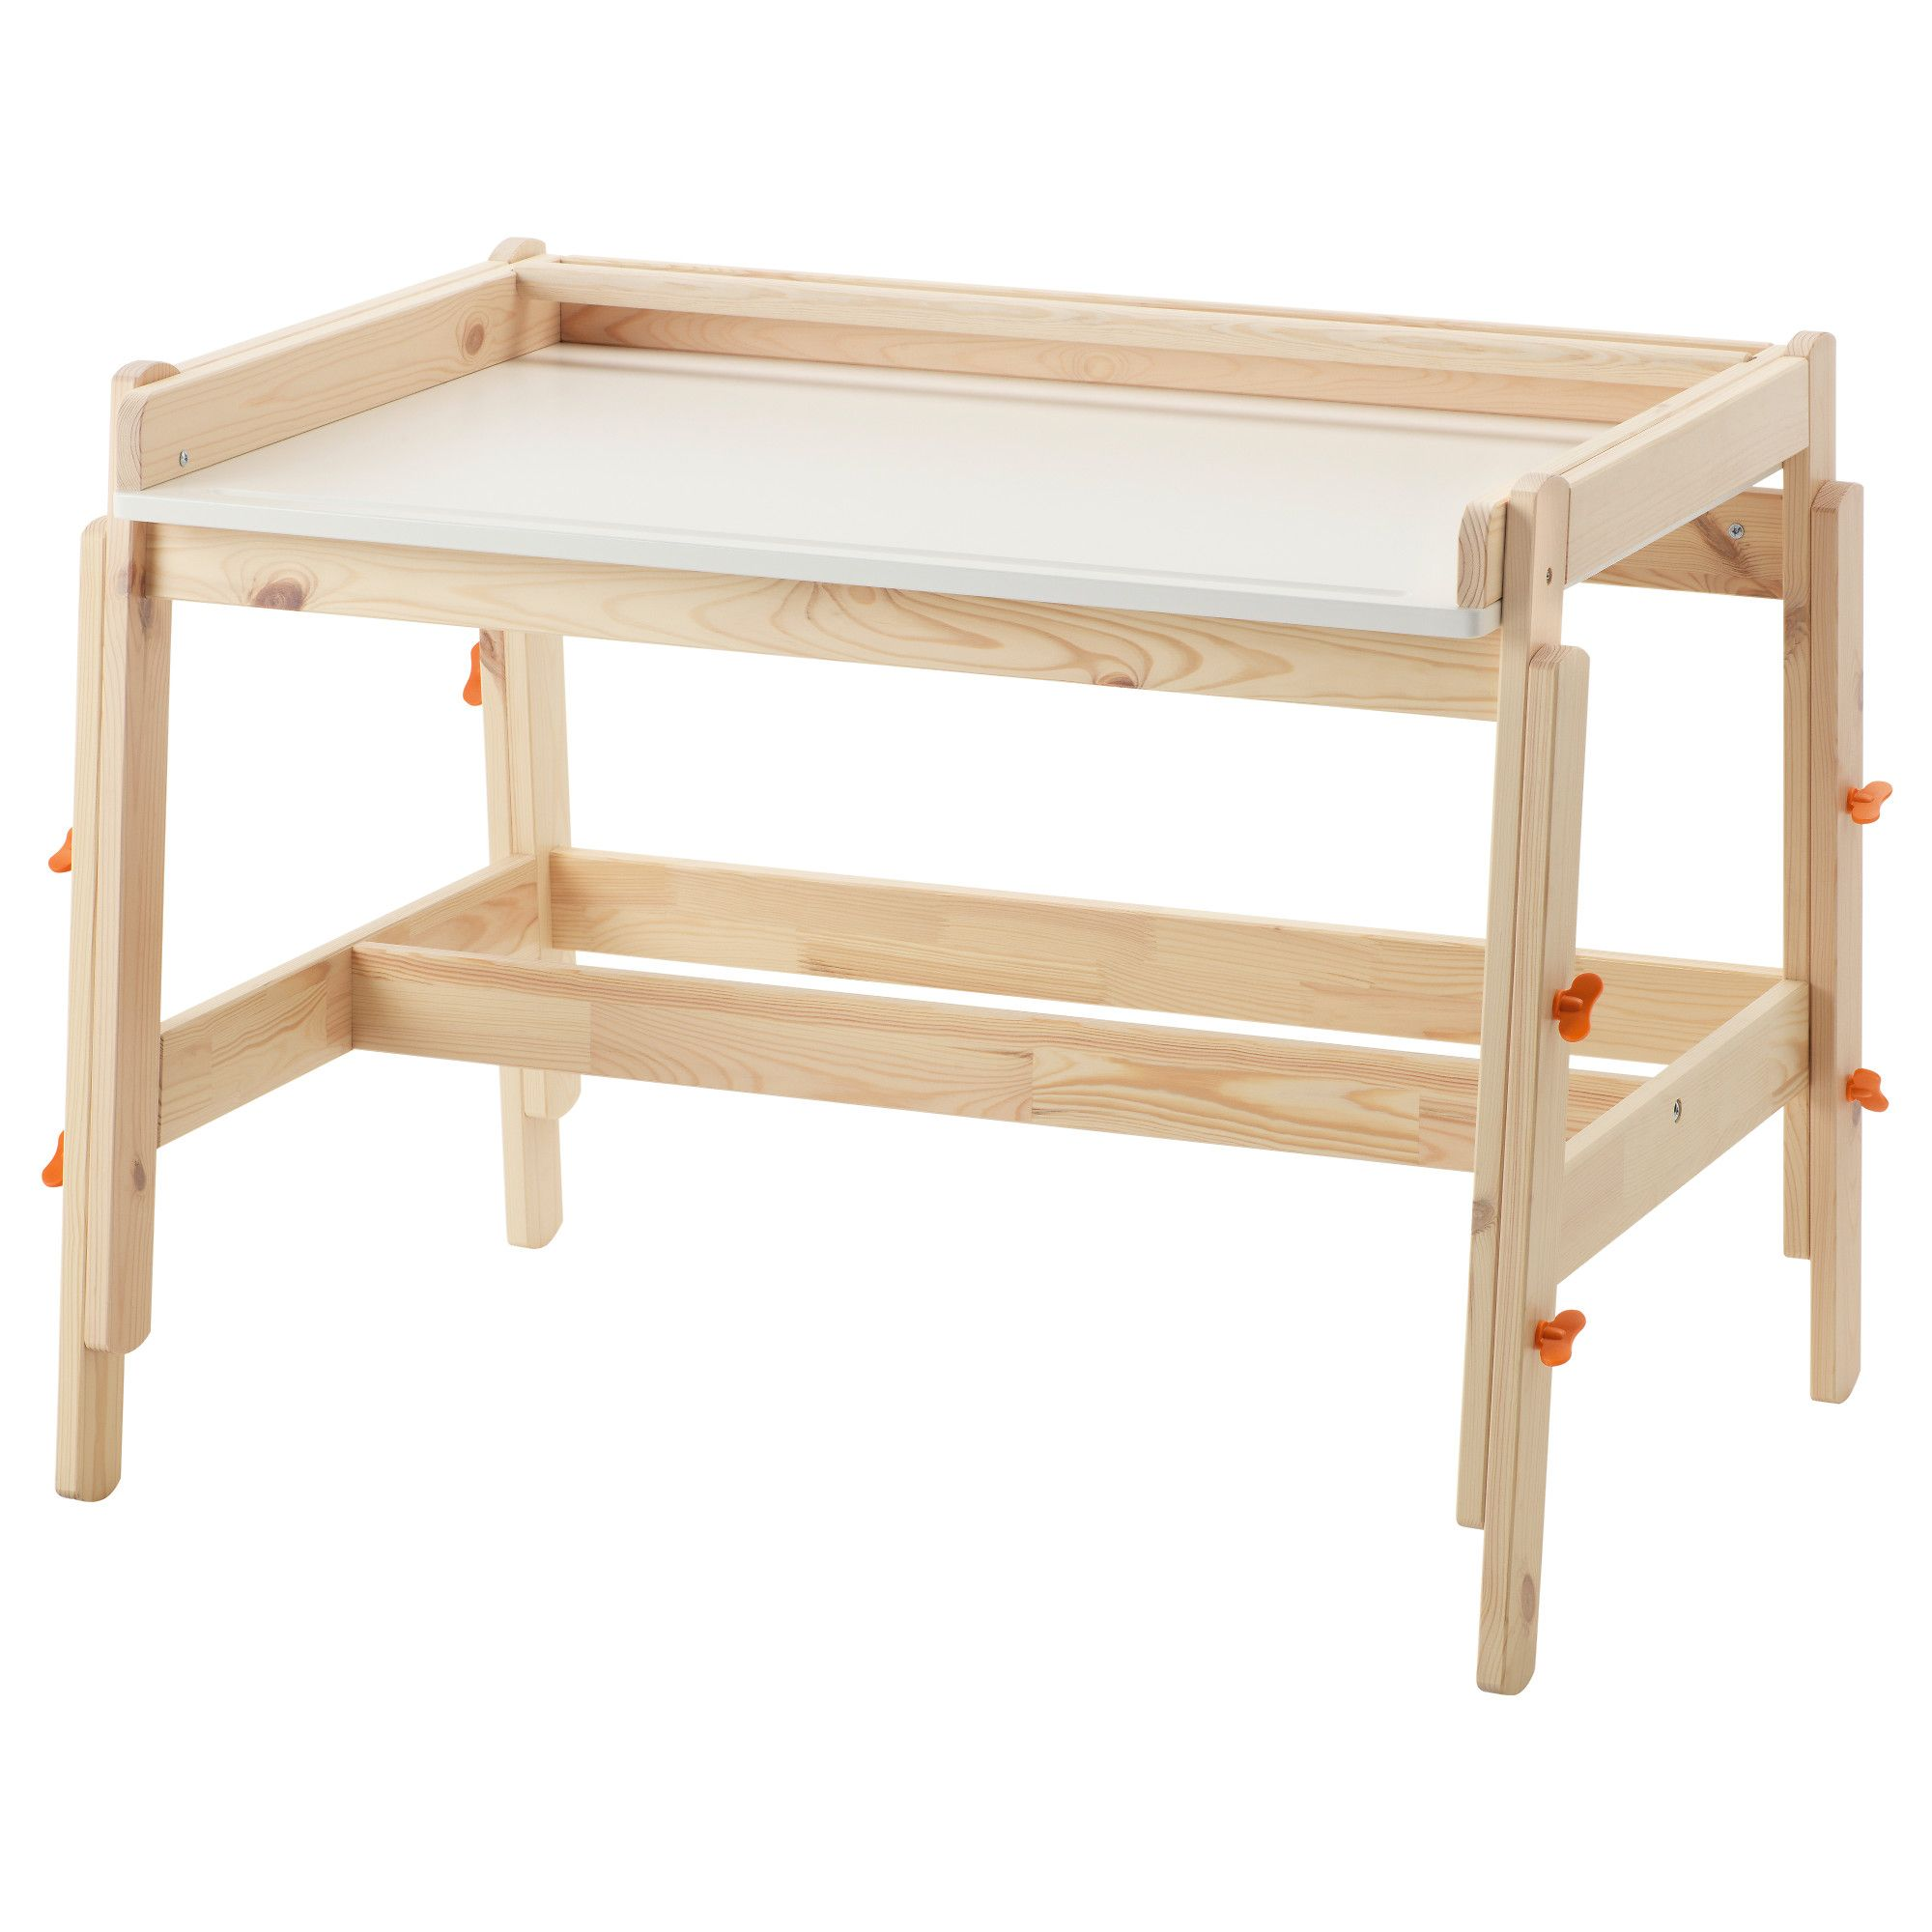 FLISAT Bureau pour enfant rglable Extra storage Desks and